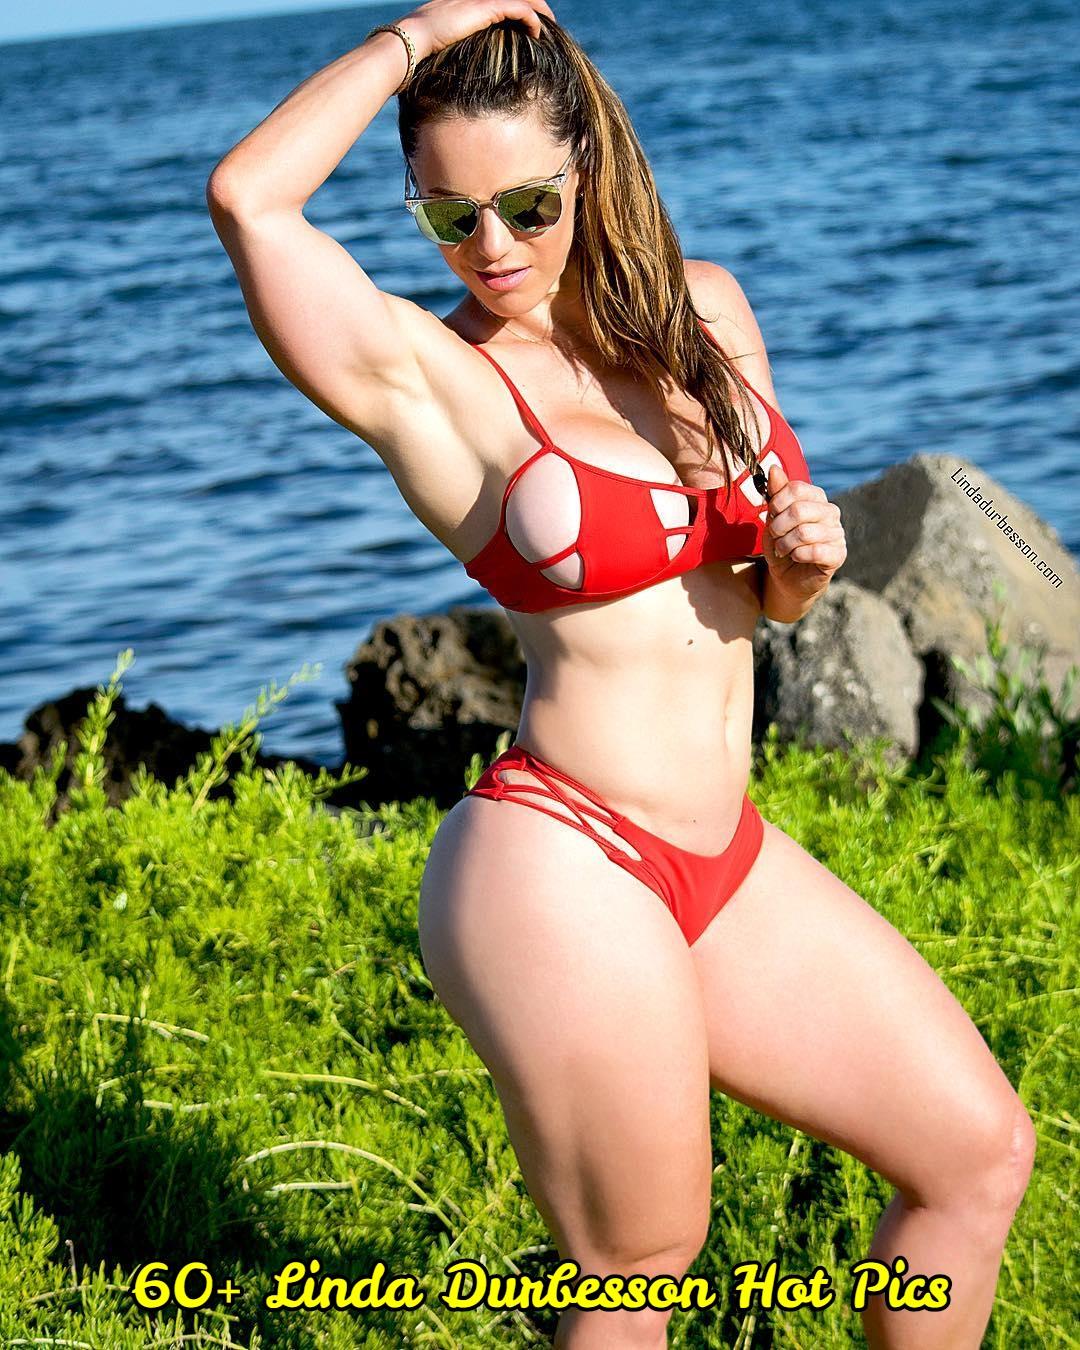 Linda Durbesson hot pictures